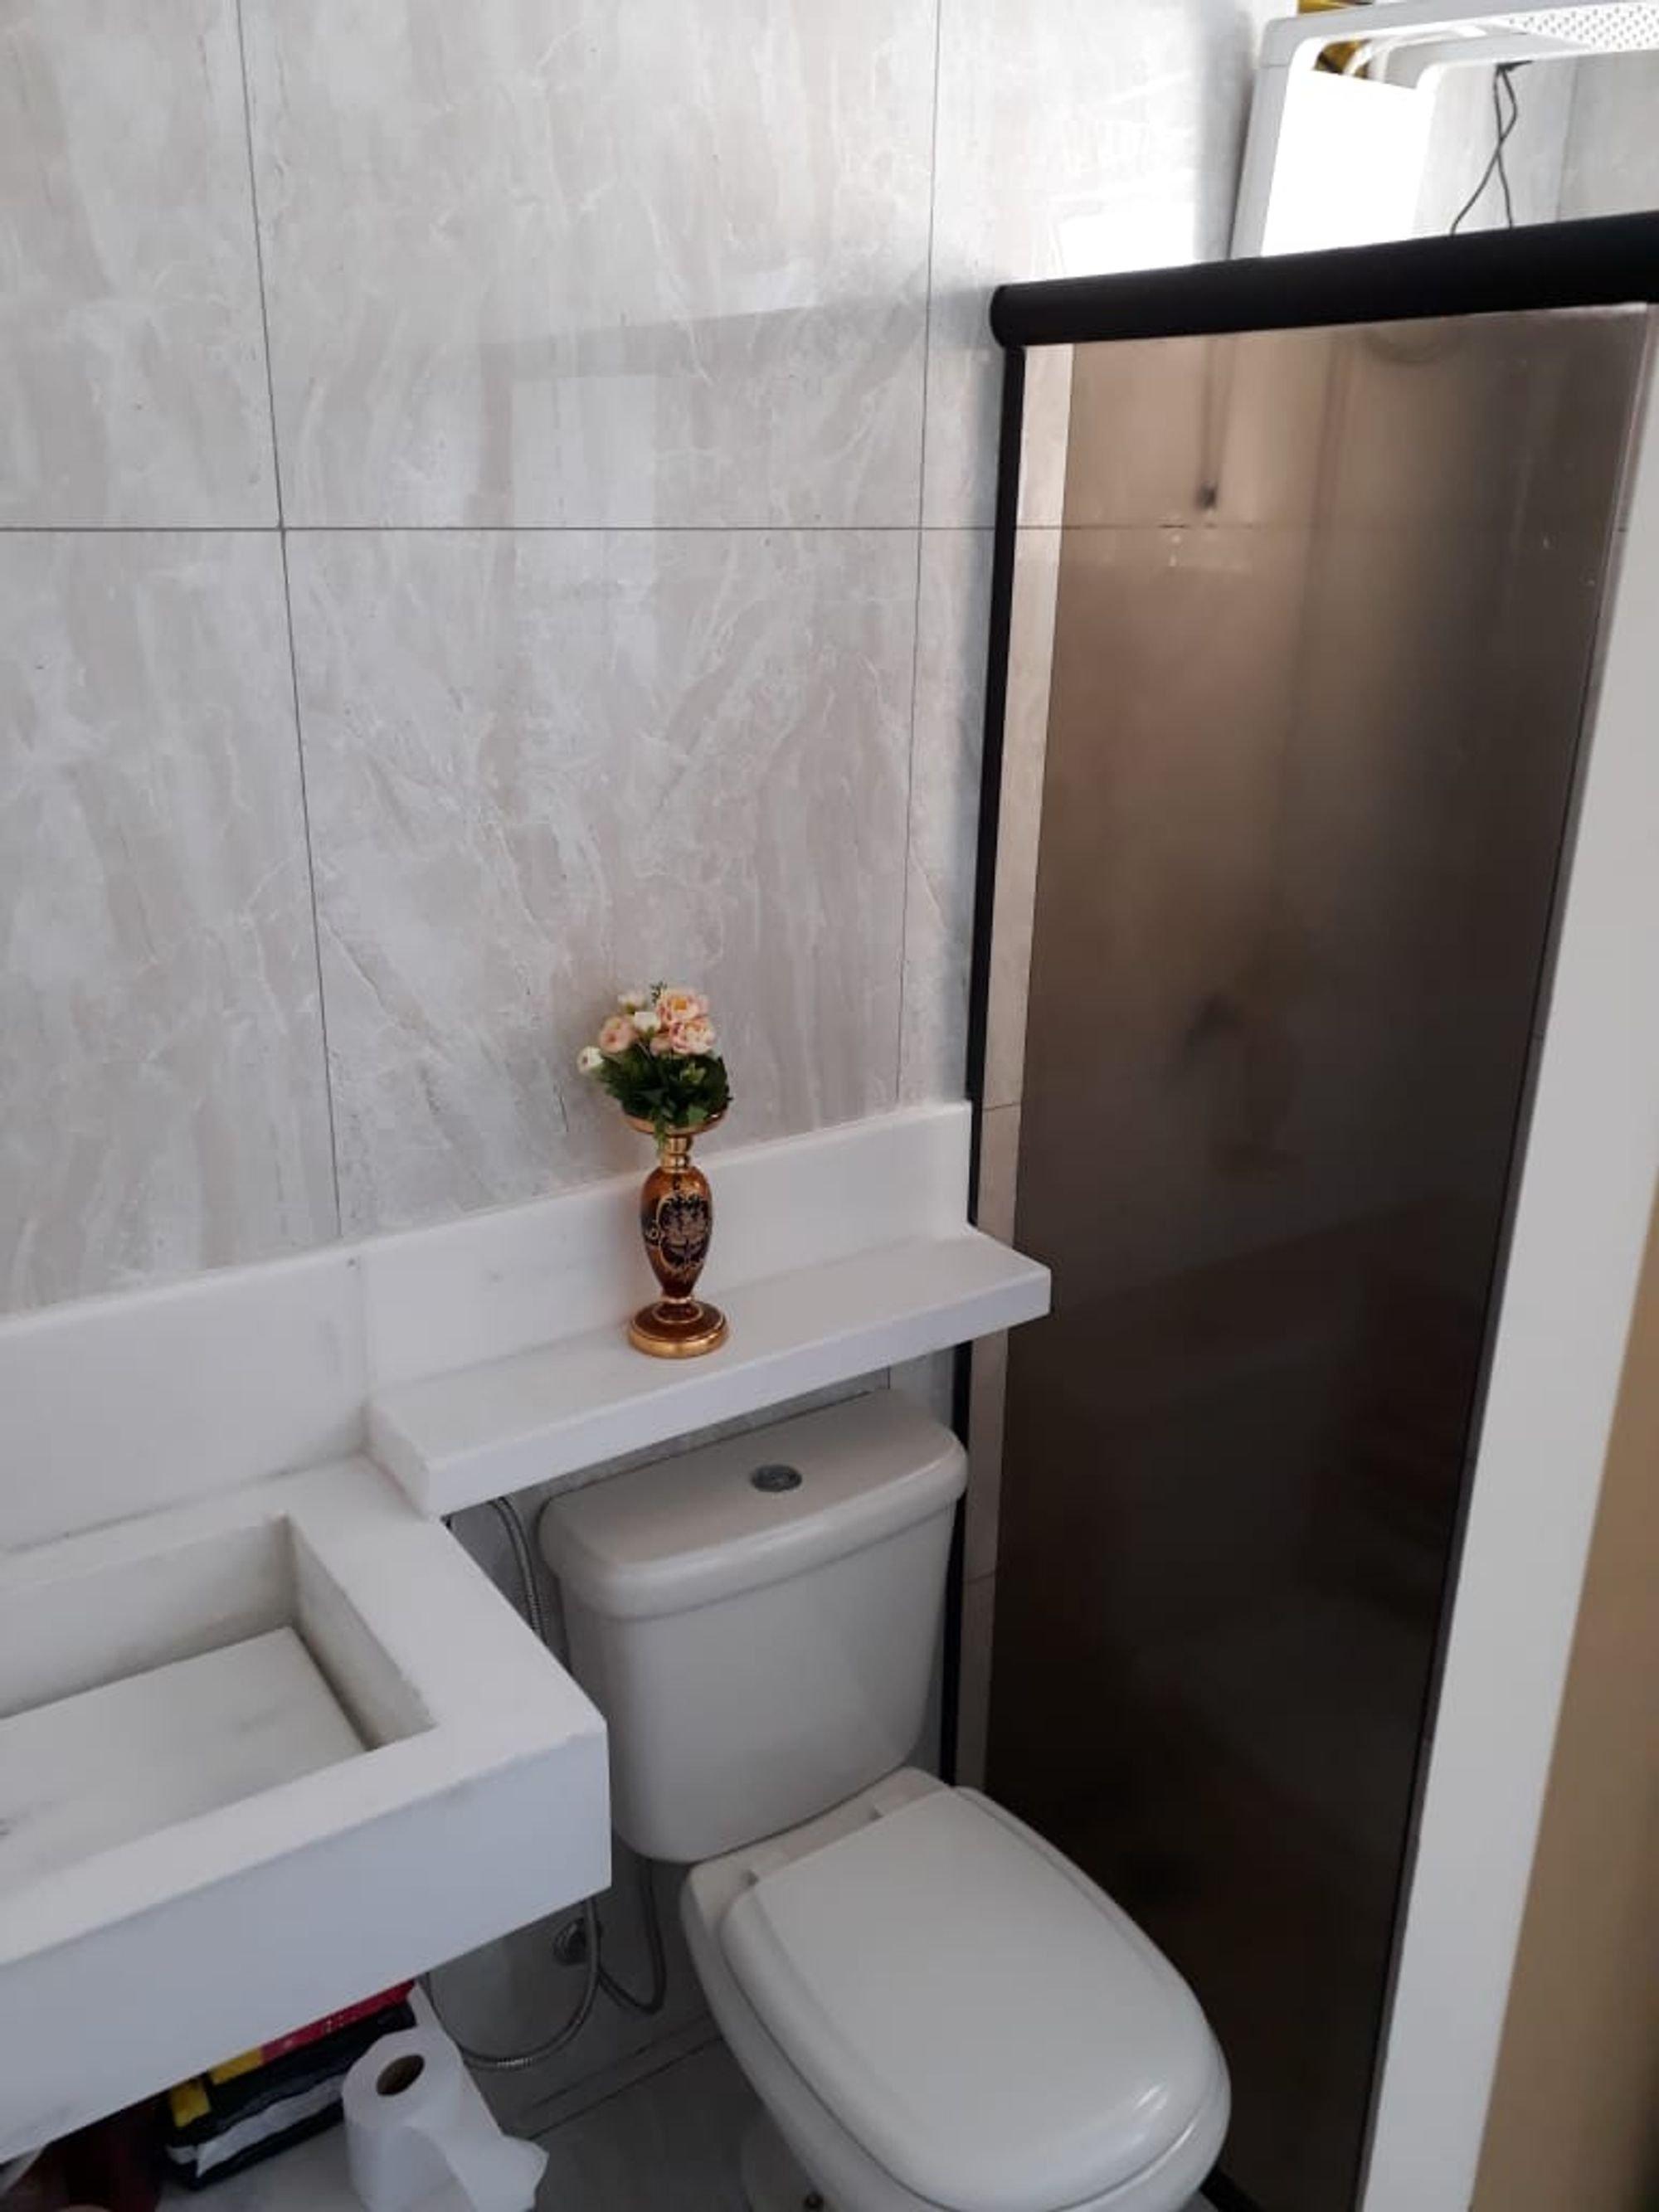 Foto de Lavanderia com vaso sanitário, vaso